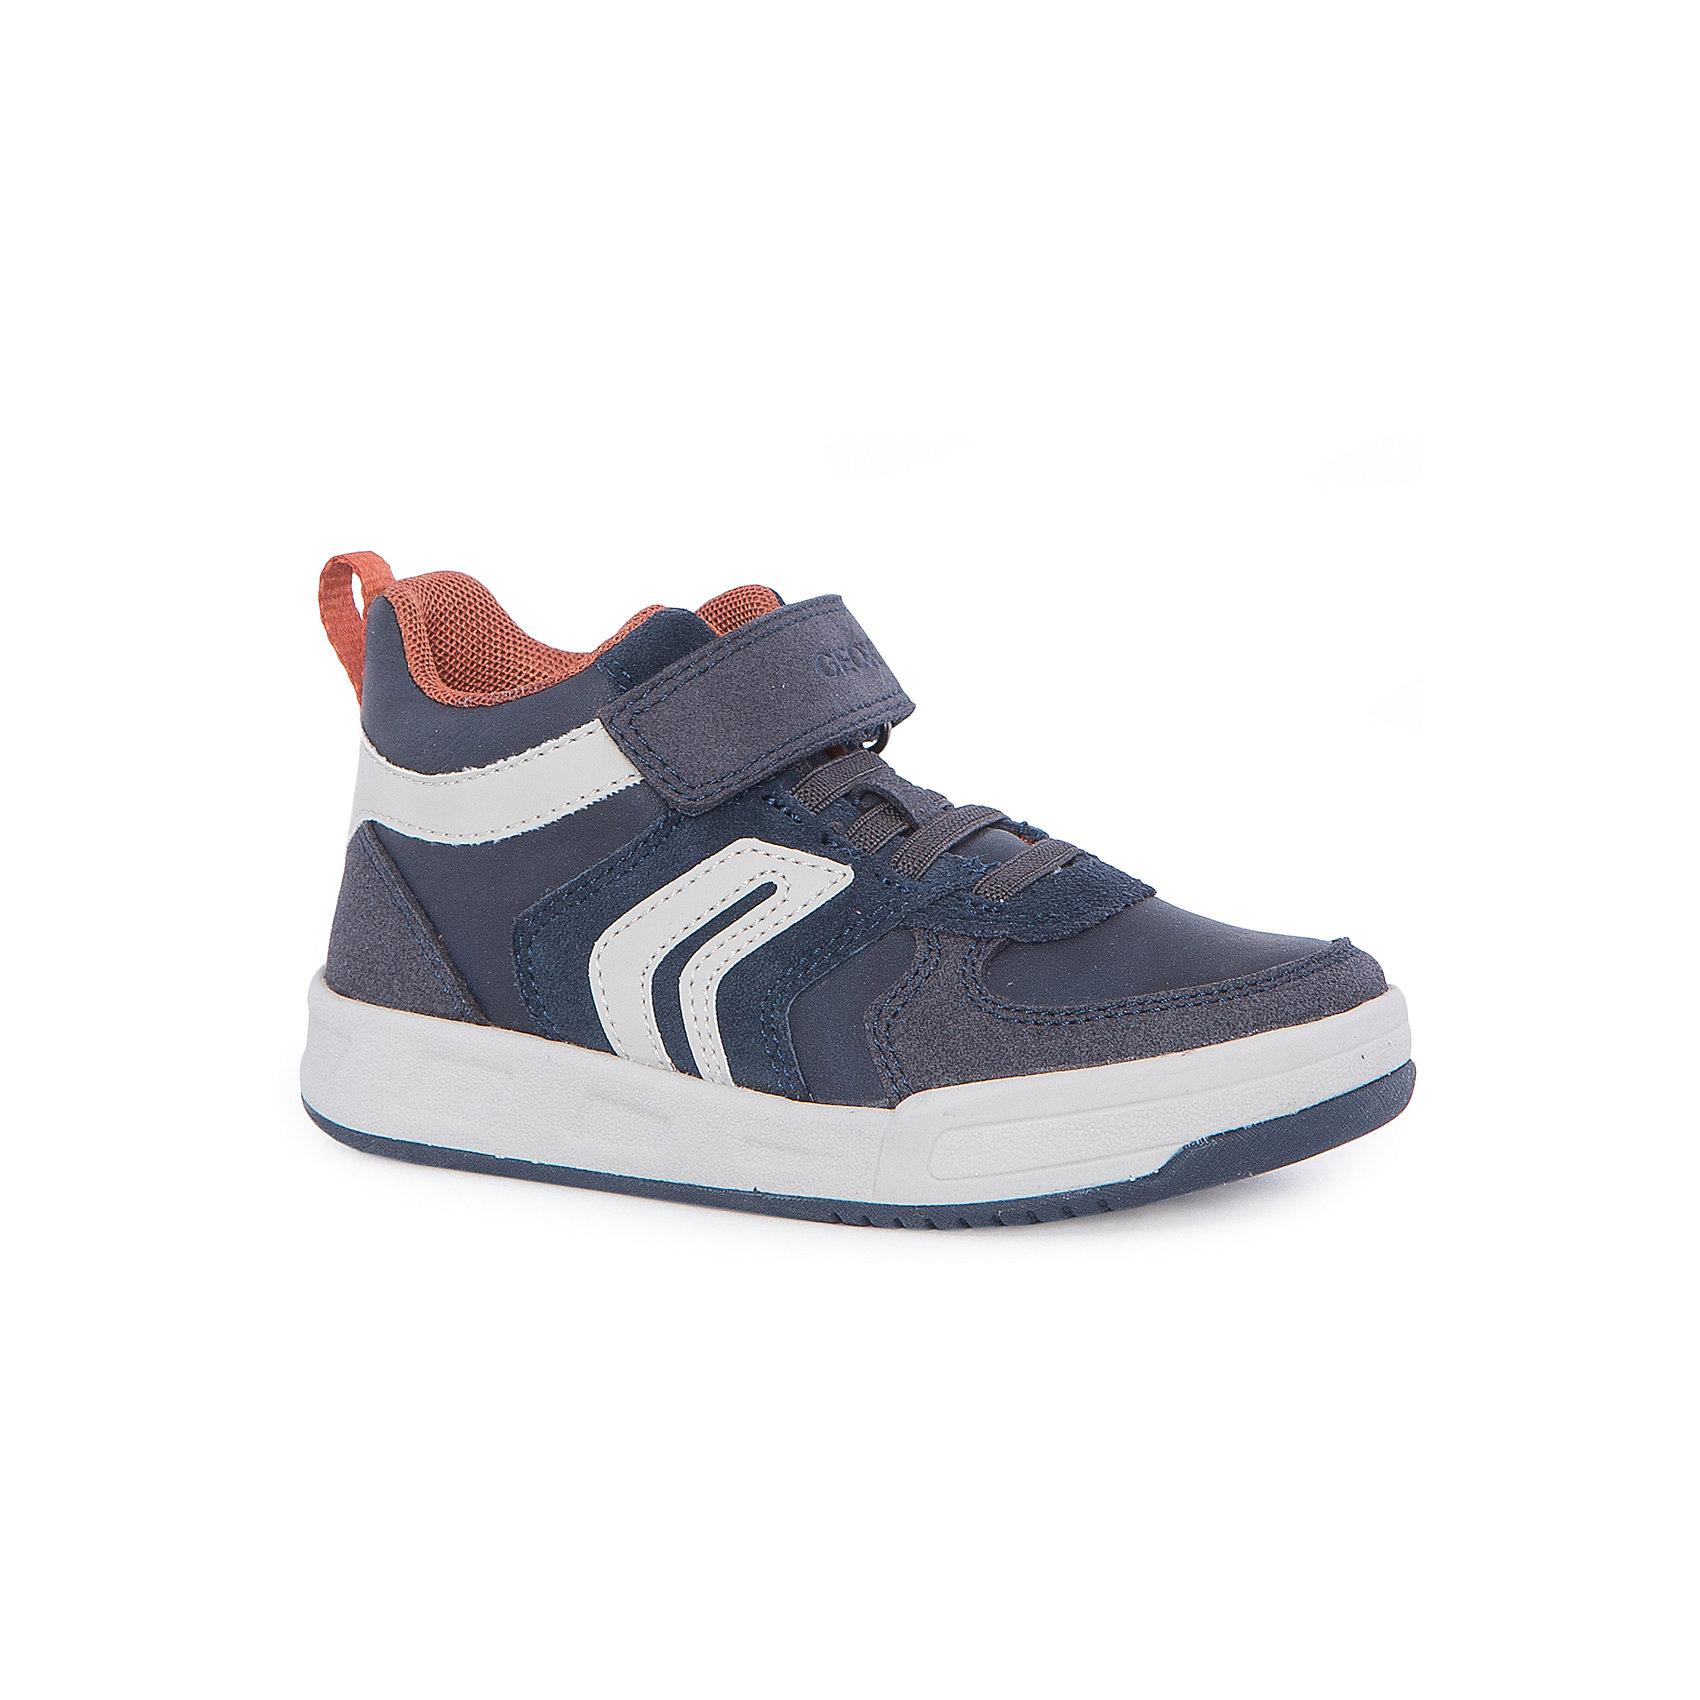 Ботинки для мальчика GeoxБотинки<br>Ботинки для мальчика от знаменитого итальянского бренда взрослой и детской одежды и обуви GEOX (Геокс). Приятные Ботинки темно-синего цвета в совмещении с деталями кирпичного и белого цветов придут по вкусу вашему моднику. Разработанная технология подошвы кроссовок не позволяет им скользить, амортизирует шаги, не пропускает воду и позволяет стопе дышать. Эргономичная антибактериальная стелька и высокий задник хорошо фиксируют голеностоп и удобны в носке. Ботинки с плоской подошвой отлично подойдут на сезон осень-весна. Застегиваются на липучку, что позволит ребенку быстро надевать и снимать Ботинки и не беспокоиться о шнурках.<br><br>Дополнительная информация:<br>- Температурный режим: от +10° С до 25° С.<br>- Состав:<br>верх: текстиль, синтетика<br>подкладка: текстиль<br>стелька: натуральная кожа<br>подошва: резина<br>Ботинки для мальчика GEOX (Геокс) можно купить в нашем магазине.<br>Подробнее:<br>• Для детей в возрасте: от 4 до 13 лет<br>• Номер товара: 4864960<br>Страна производитель: Камбоджа<br><br>Ширина мм: 250<br>Глубина мм: 150<br>Высота мм: 150<br>Вес г: 250<br>Цвет: синий<br>Возраст от месяцев: 96<br>Возраст до месяцев: 108<br>Пол: Мужской<br>Возраст: Детский<br>Размер: 32,37,30,33,35,31,36,27,28,34,38,29<br>SKU: 4864960